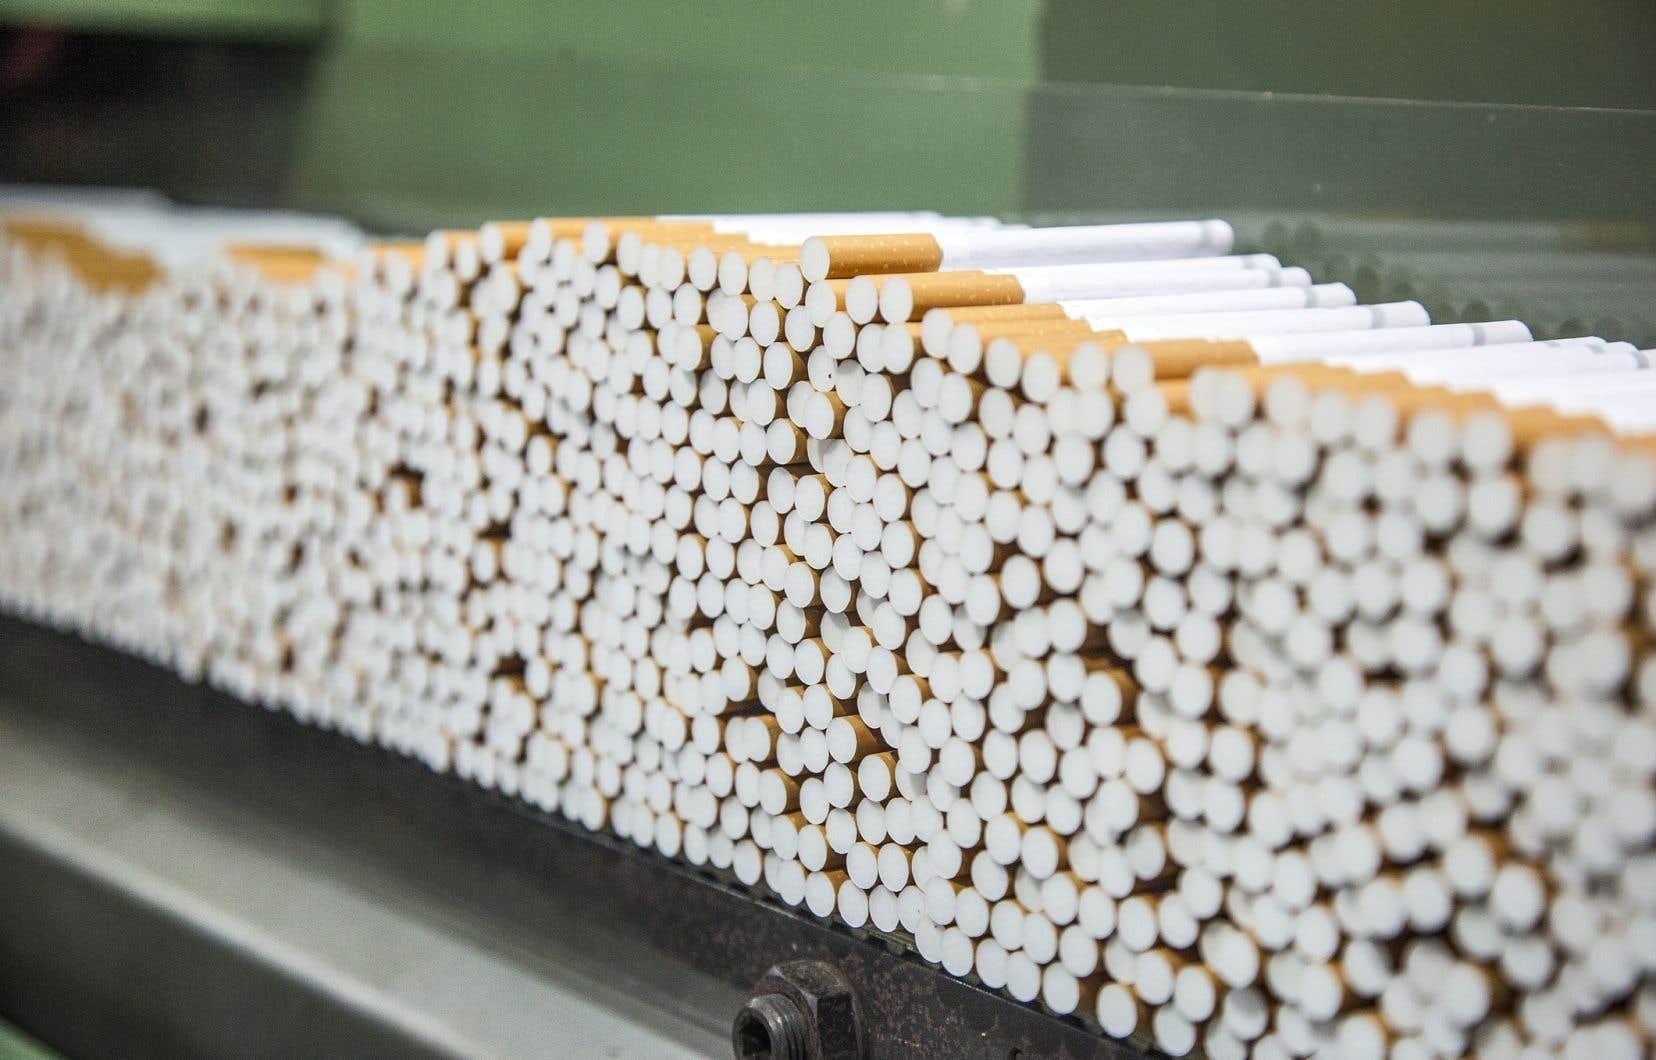 Le Québec et le Canada doivent rapidement adopter des «protocoles» pour forcer la transparence des intervenants prenant part aux débats publics sur la santé et le tabagisme, selonFlory Doucas, coordonnatrice de la Coalition québécoise pour le contrôle du tabac.